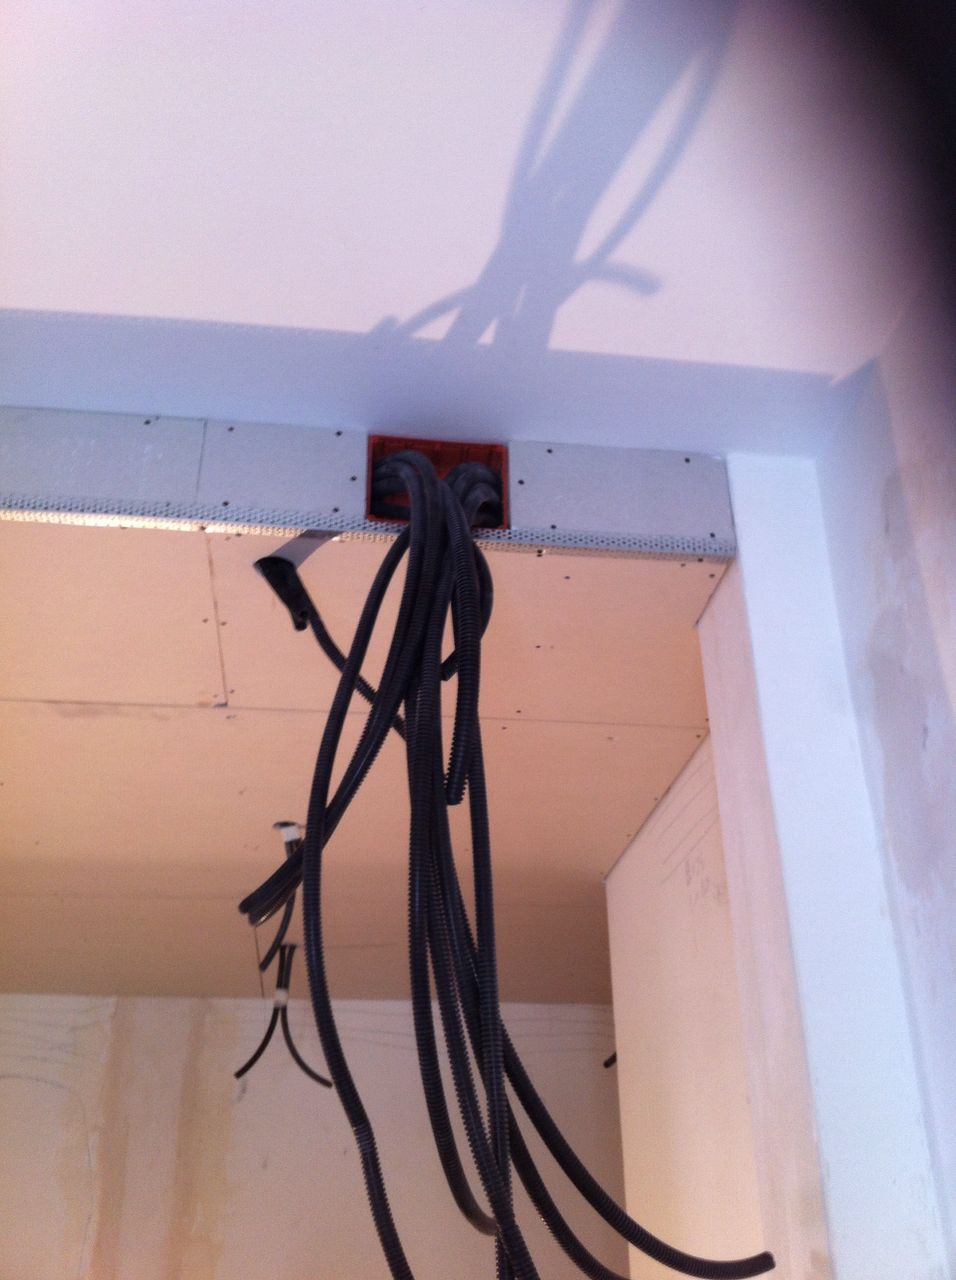 Nuovo impianto elettrico